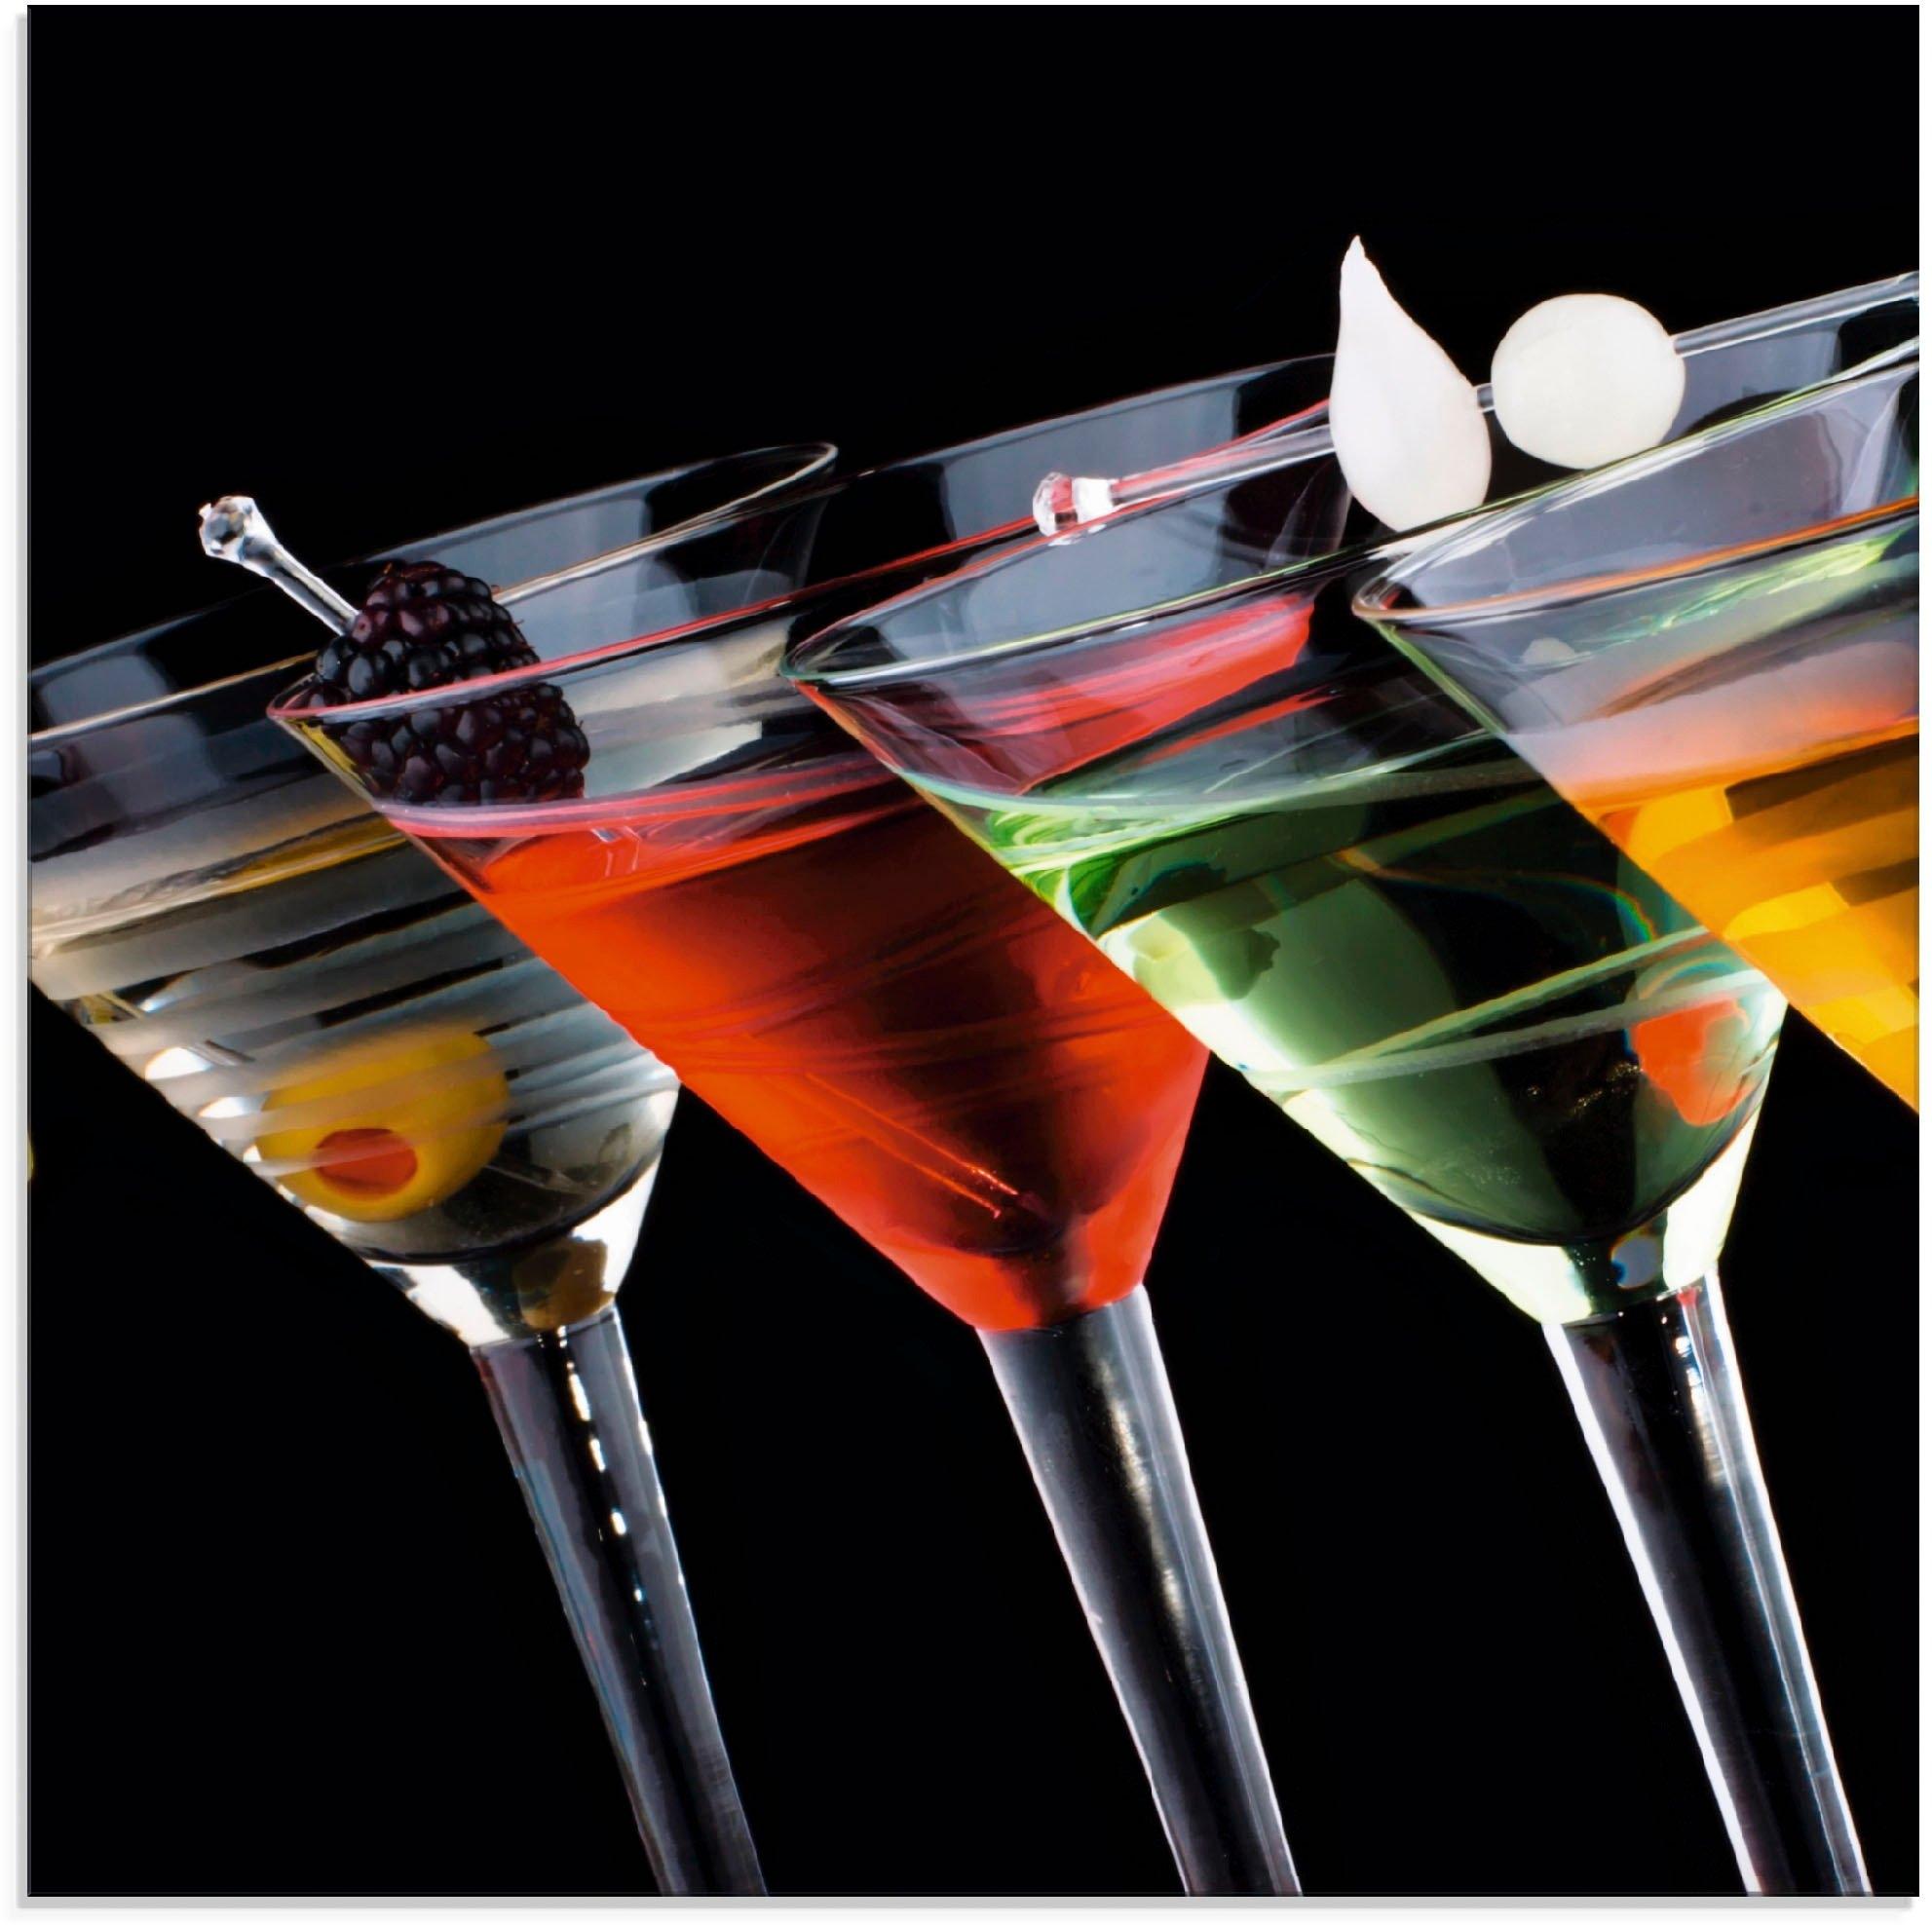 Artland Print op glas Klassieke Martini - cocktail (1 stuk) online kopen op otto.nl